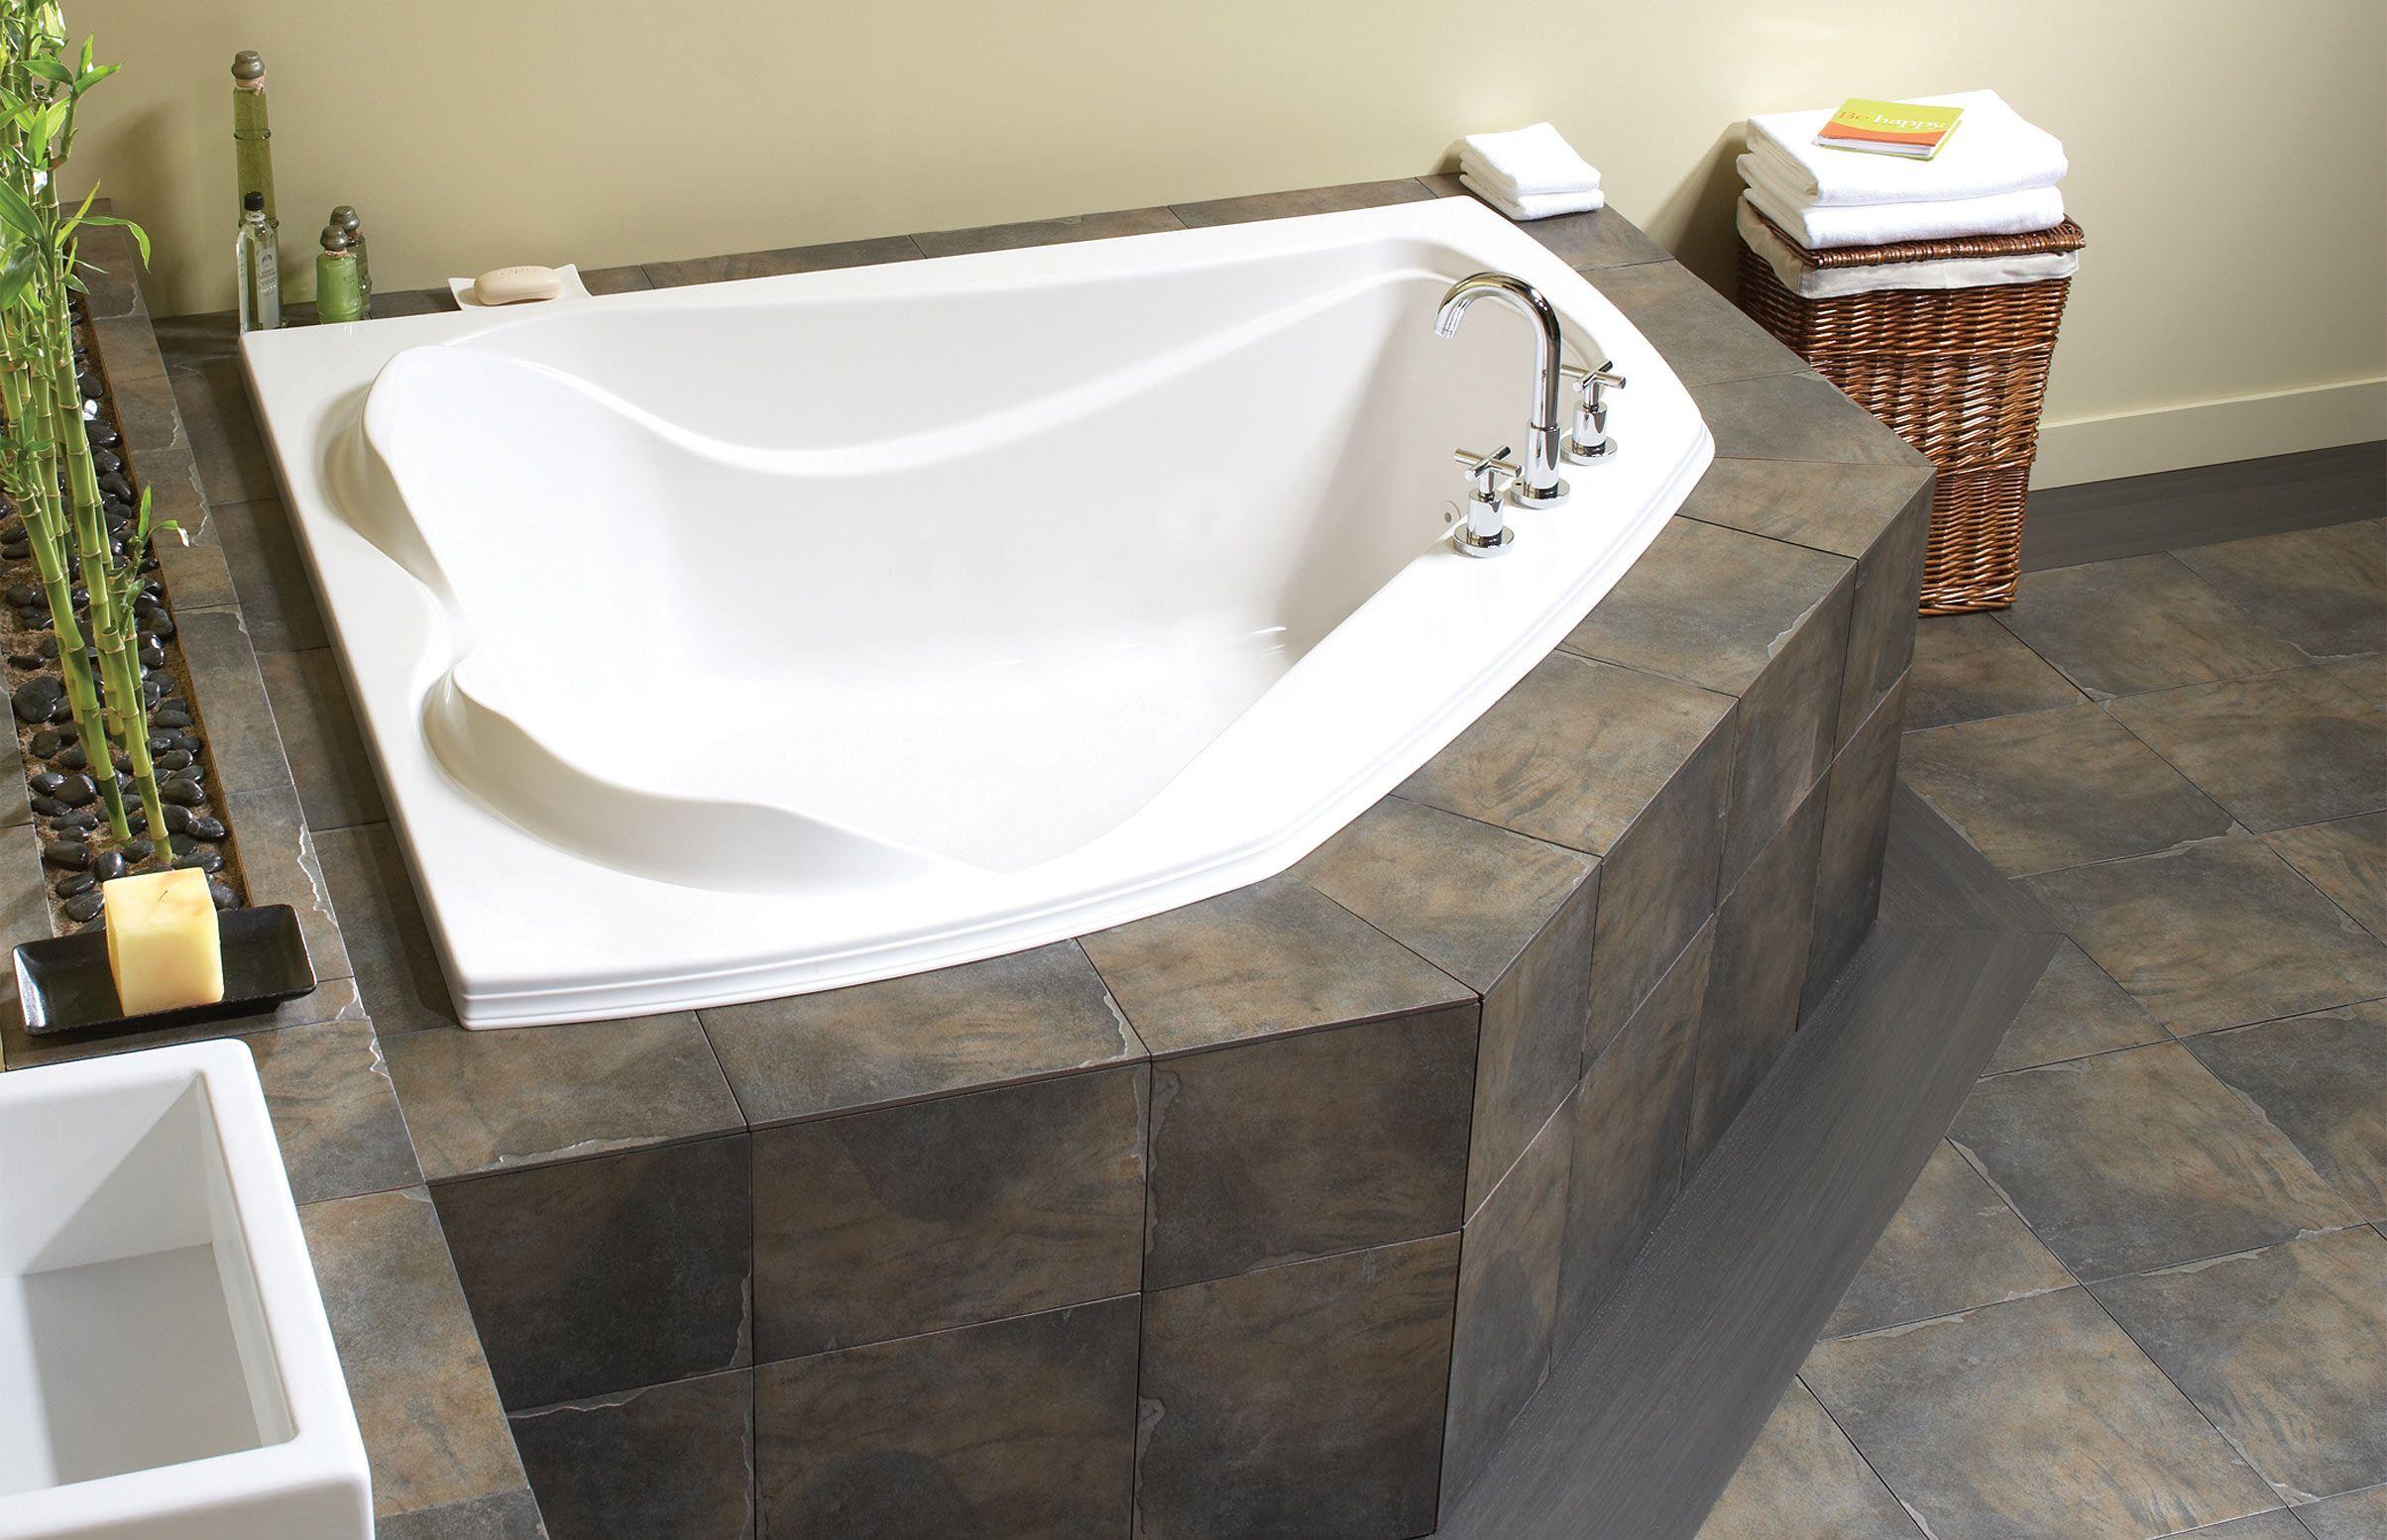 Cocoon 6054 Corner or Drop-in bathtub - Advanta by MAAX | Bathroom ...